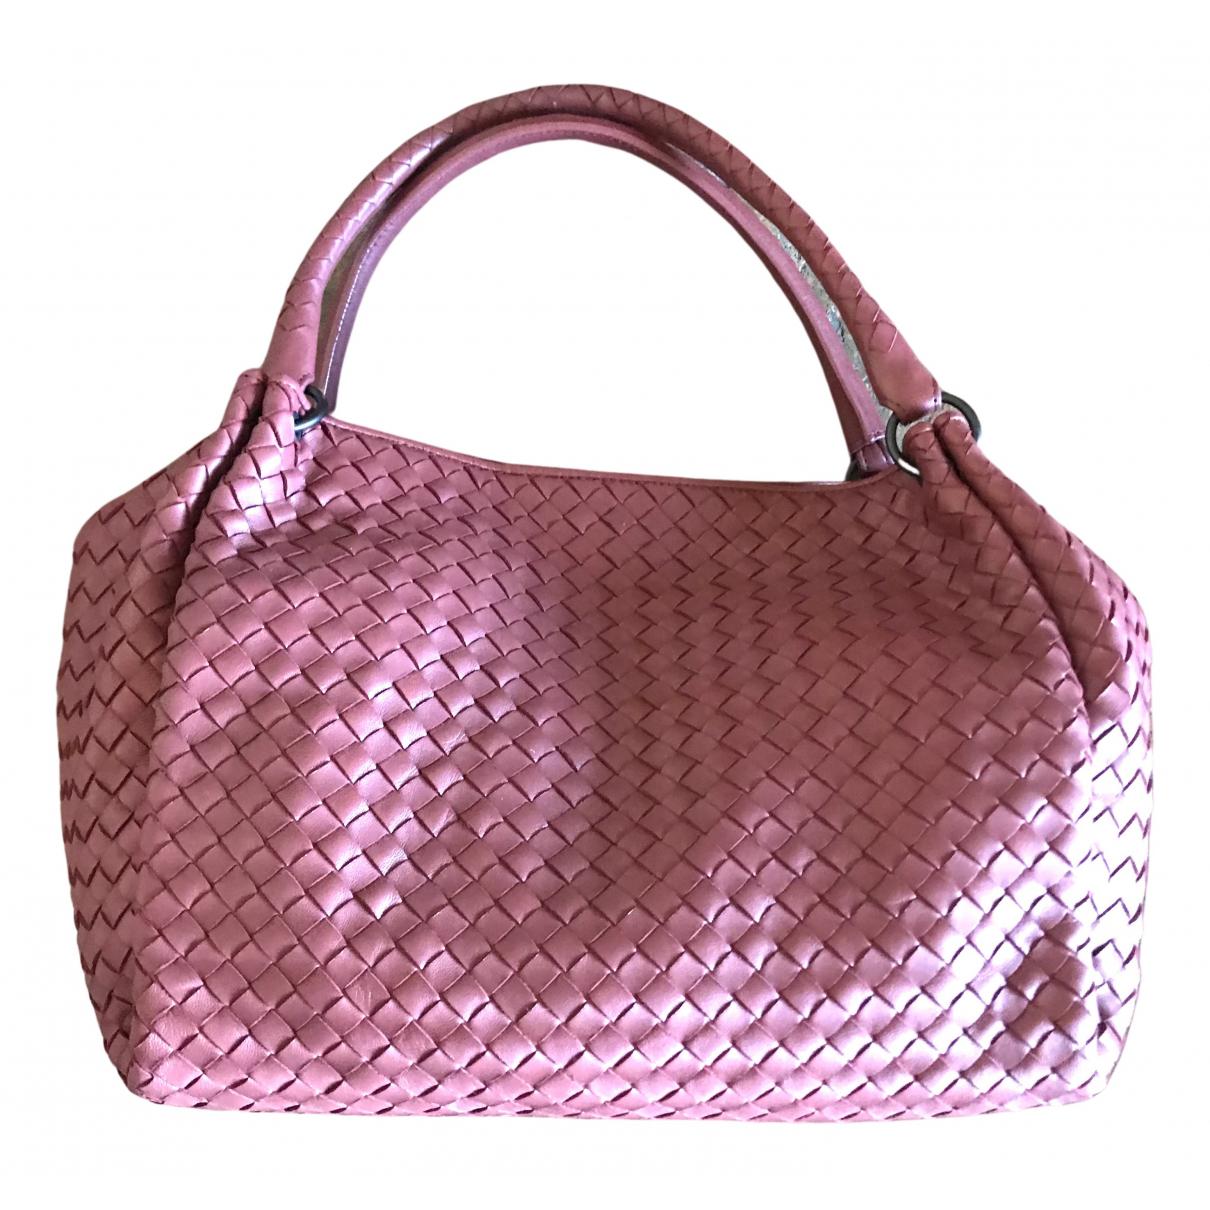 Bottega Veneta - Sac a main   pour femme en cuir - rose